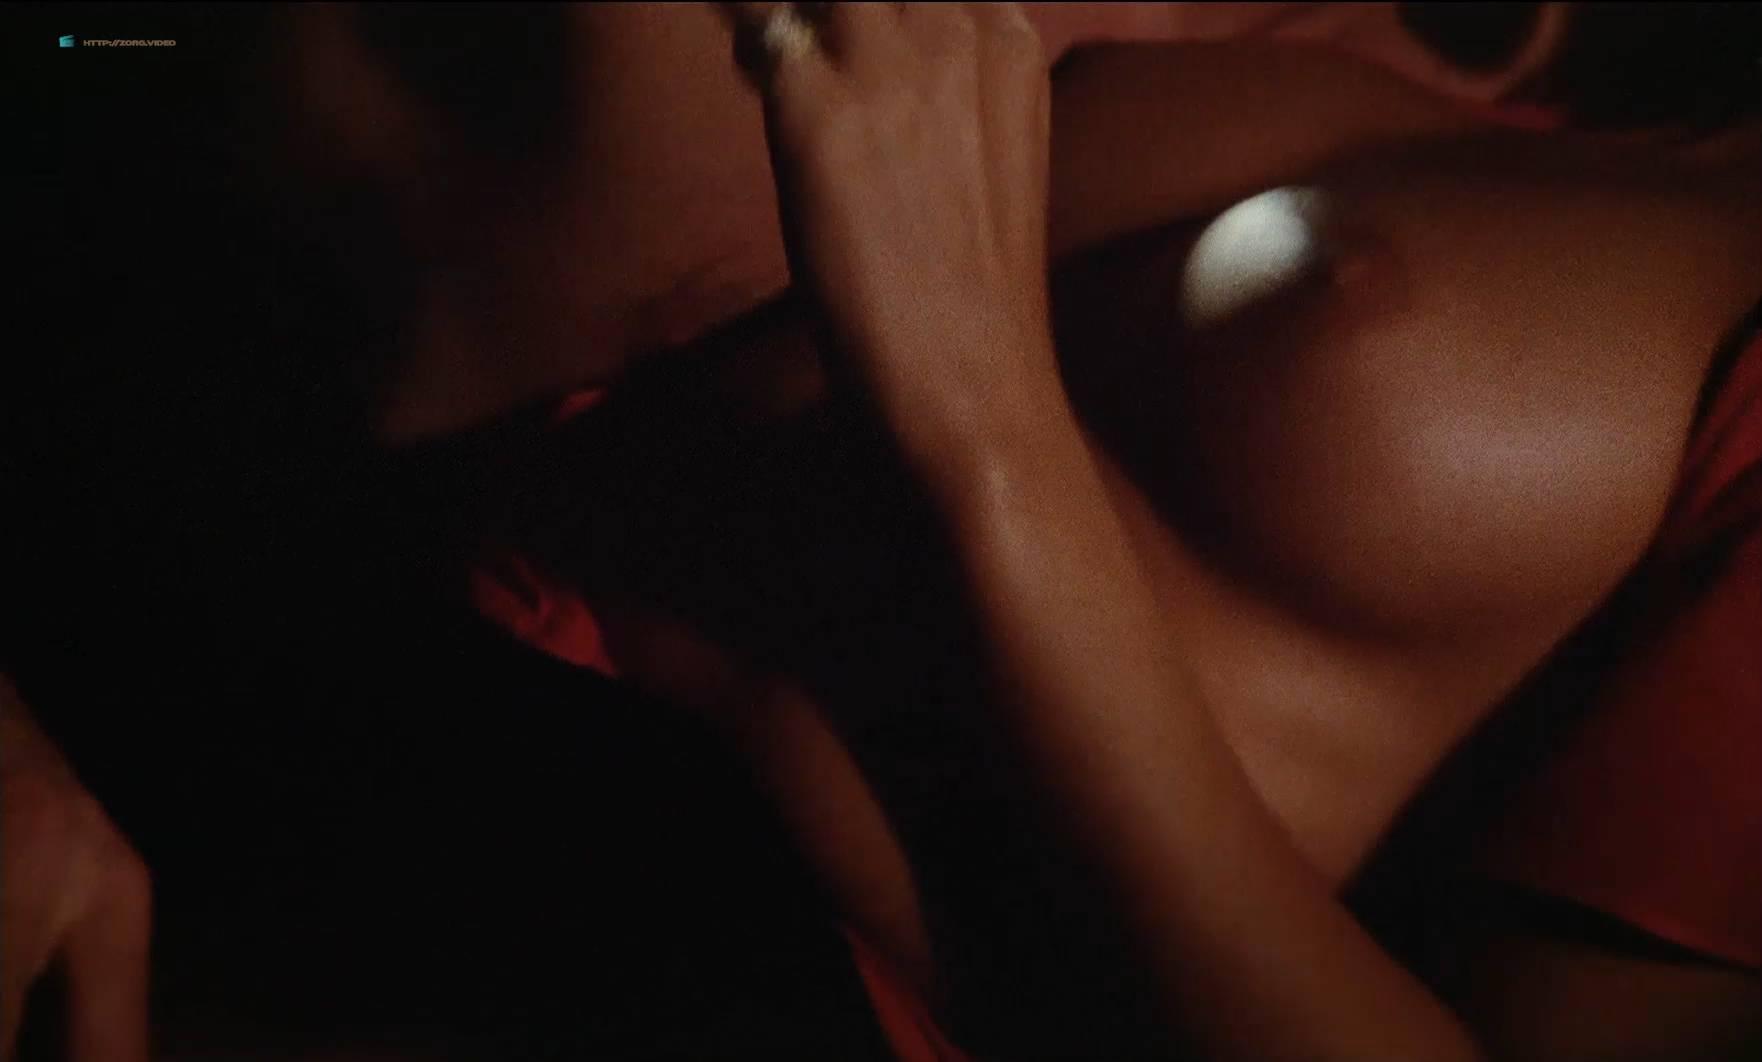 Angela Covello Nude download sex pics patrizia adiutori nude rosaria della